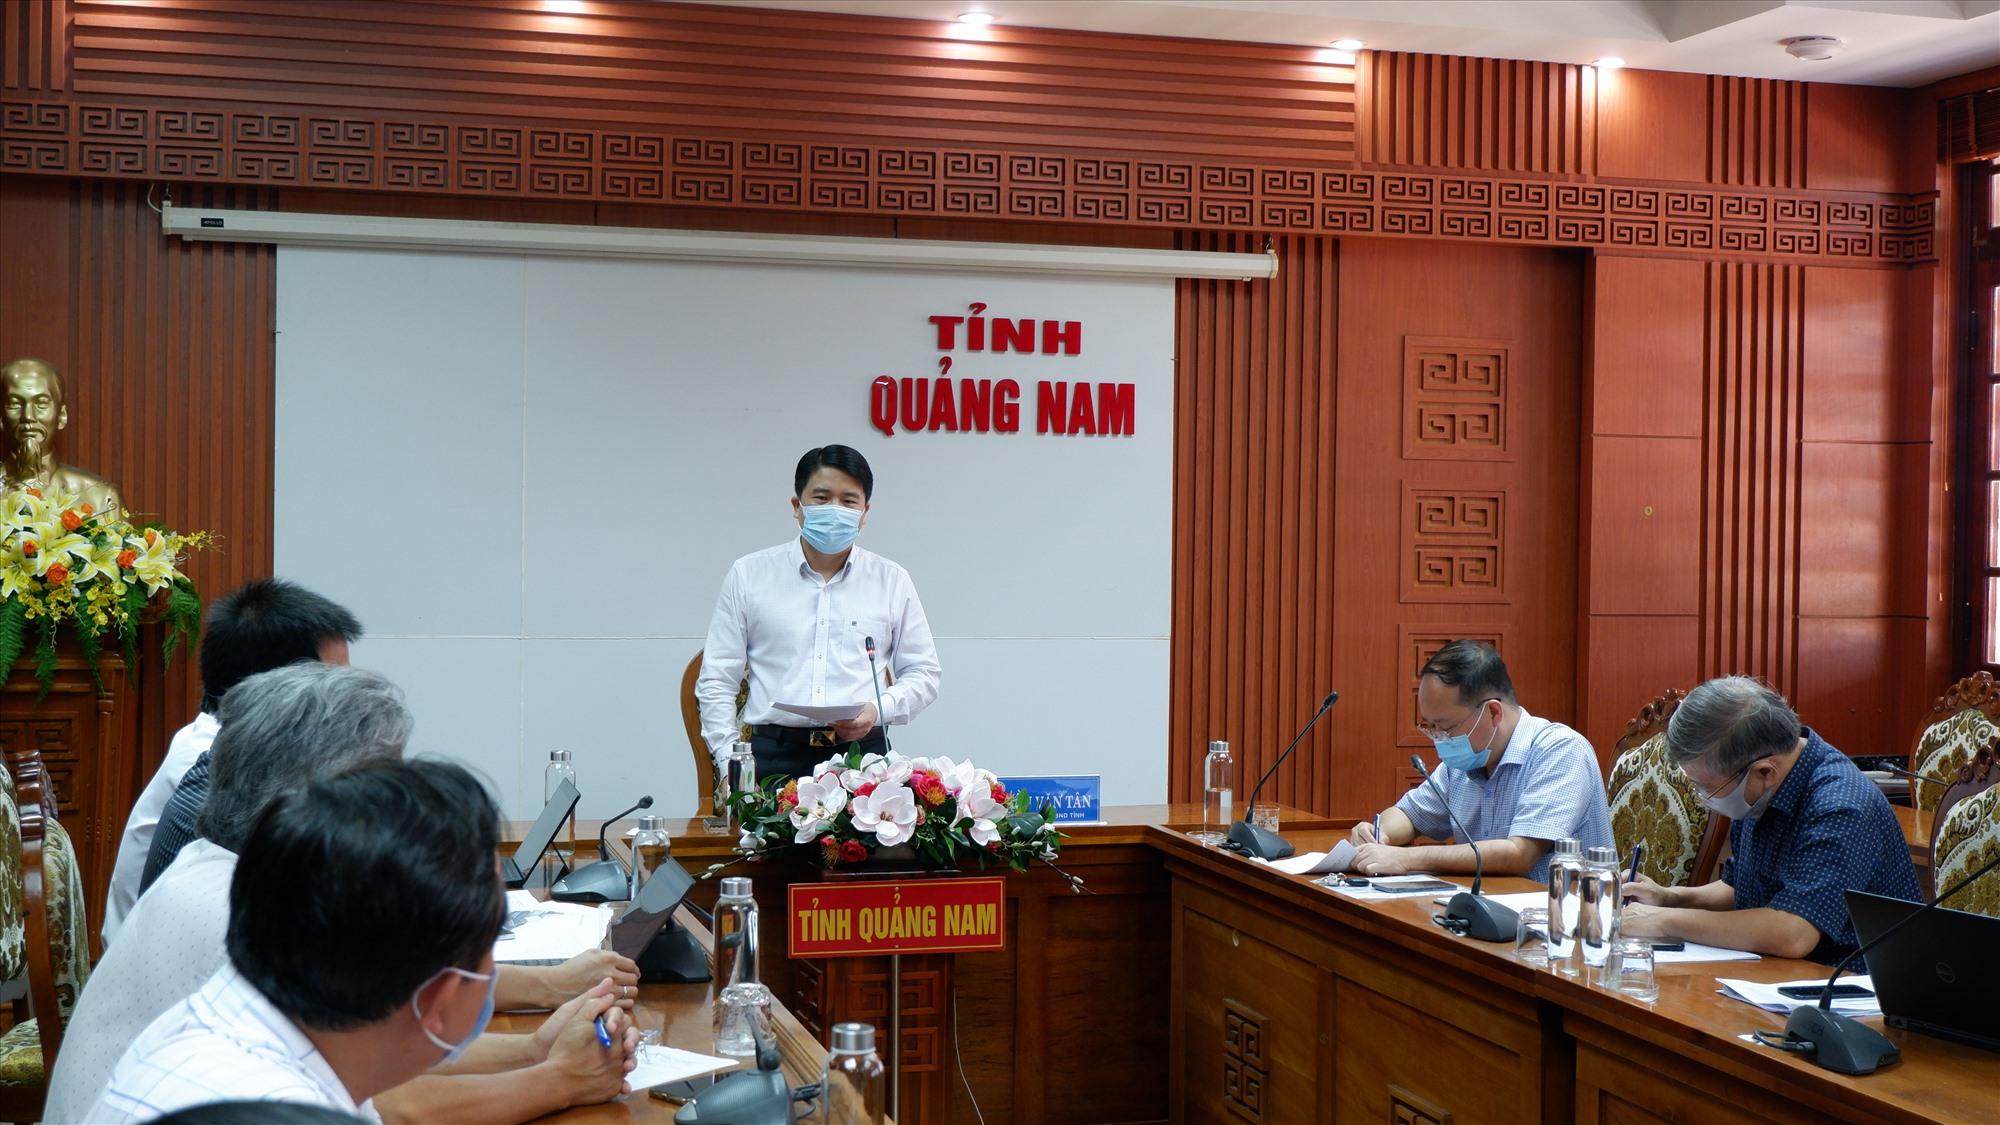 Phó Chủ tịch UBND tỉnh Trần Văn Tân chủ trì cuộc làm việc với Tiểu ban Điều trị Covid-19. Ảnh: X.H